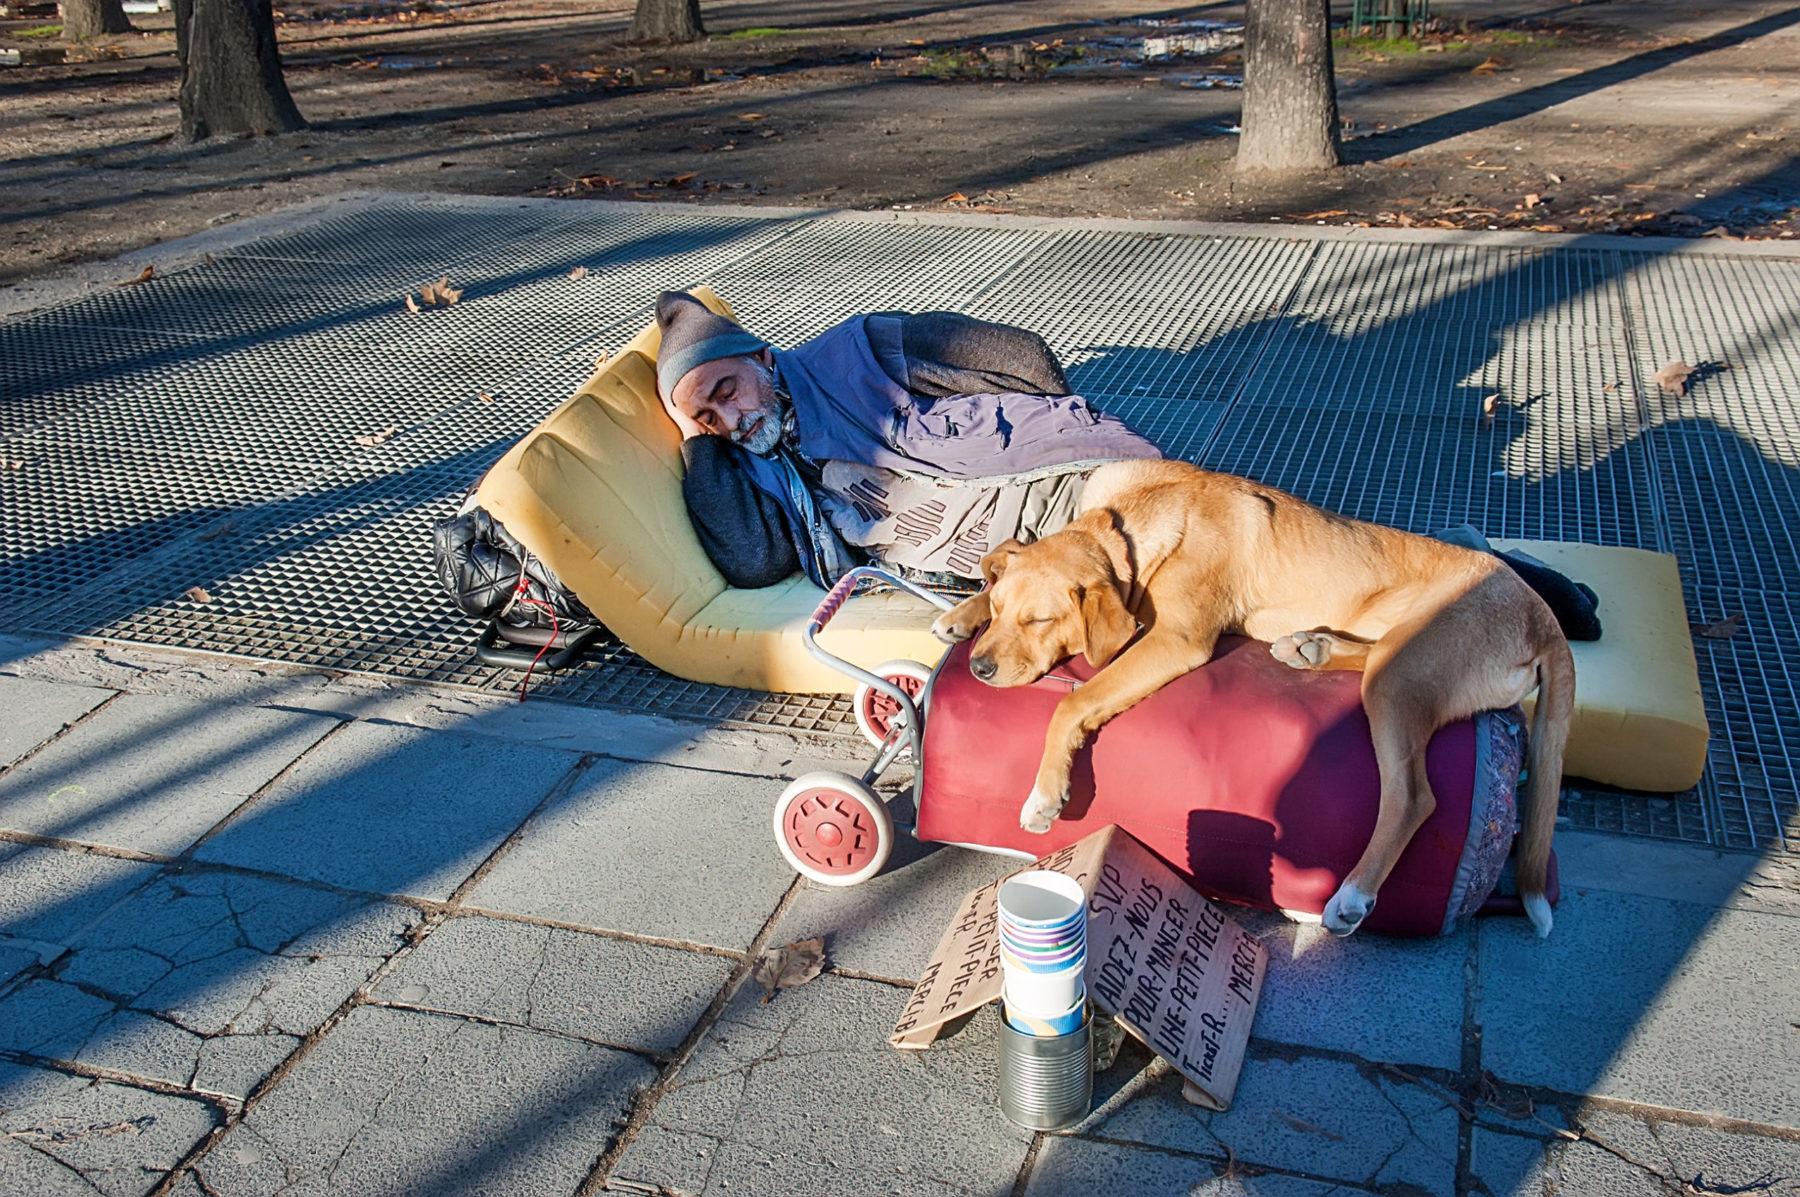 Un sans-abris dans la rue avec son chien. Photo d'illustration